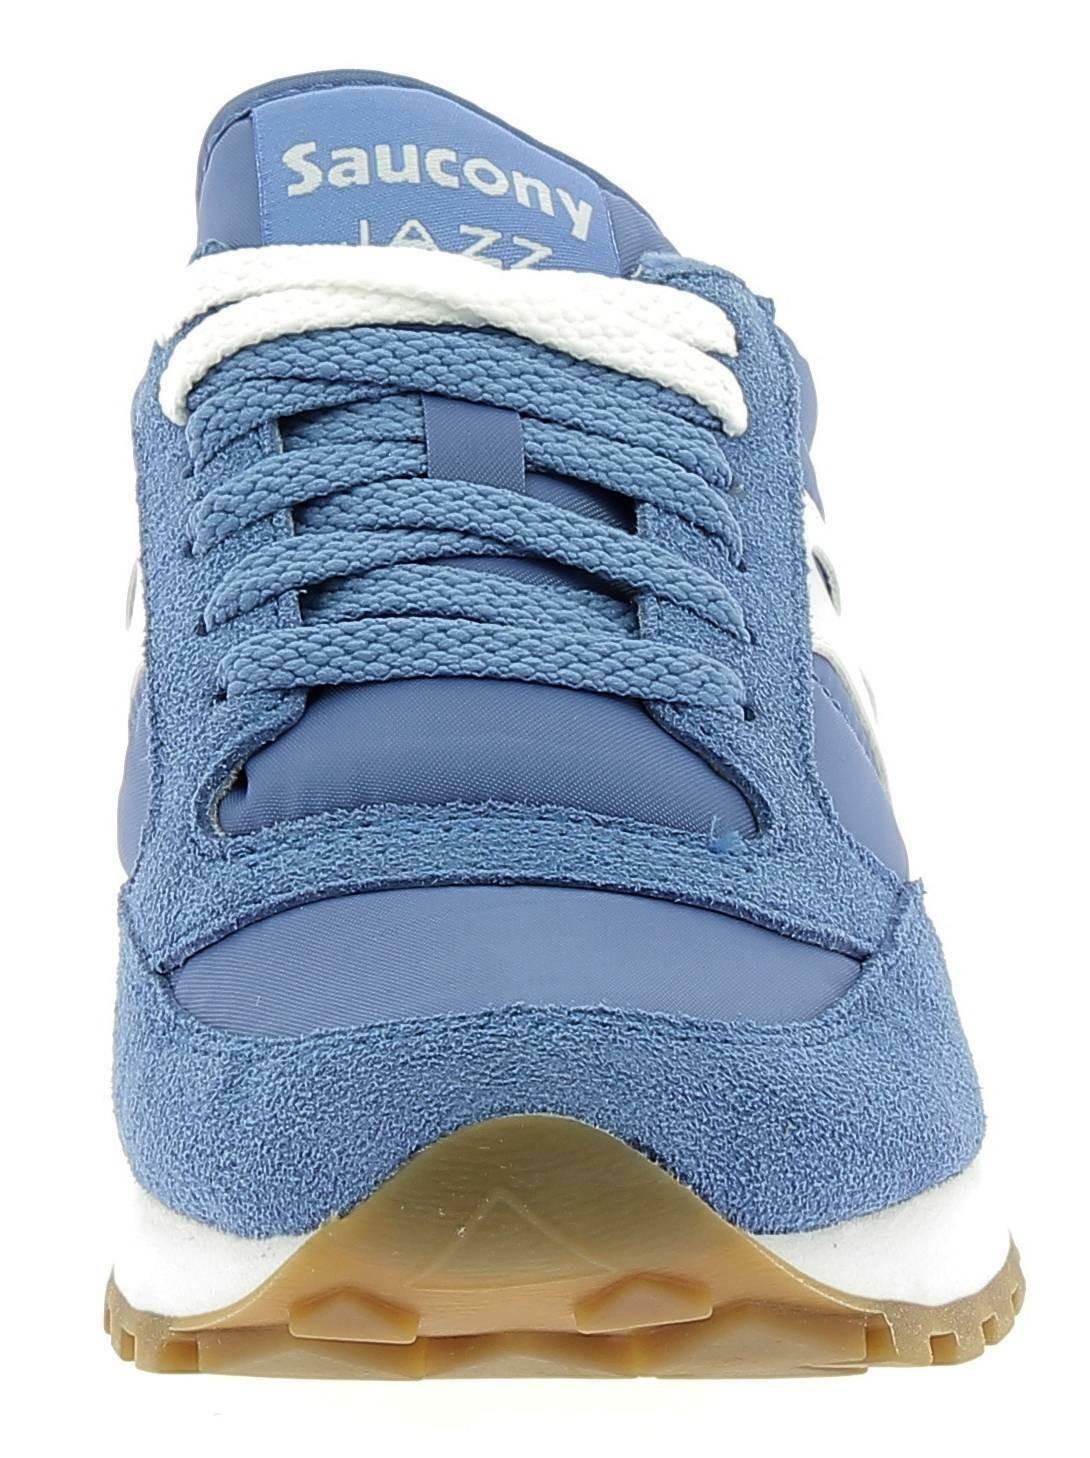 saucony saucony jazz original scarpe sportive donna azzurre s1044442